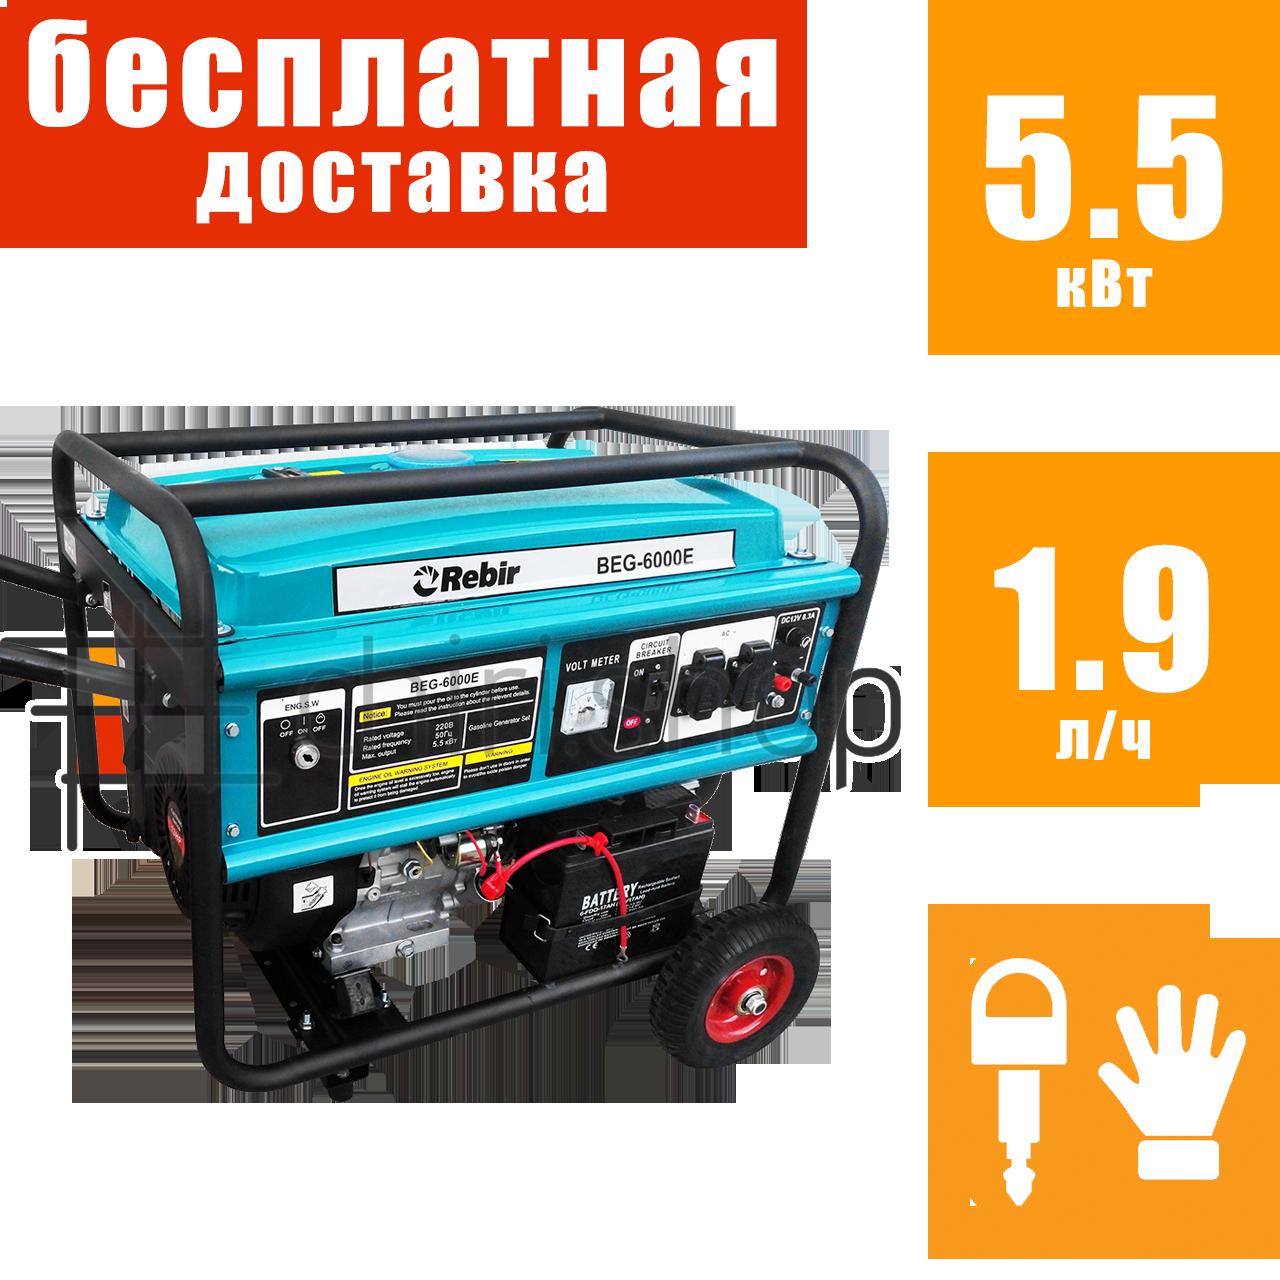 Бензиновый генератор 5.5 кВт 220 В, Rebir BEG 6000E, электрогенератор, бензогенератор, миниэлектростанция